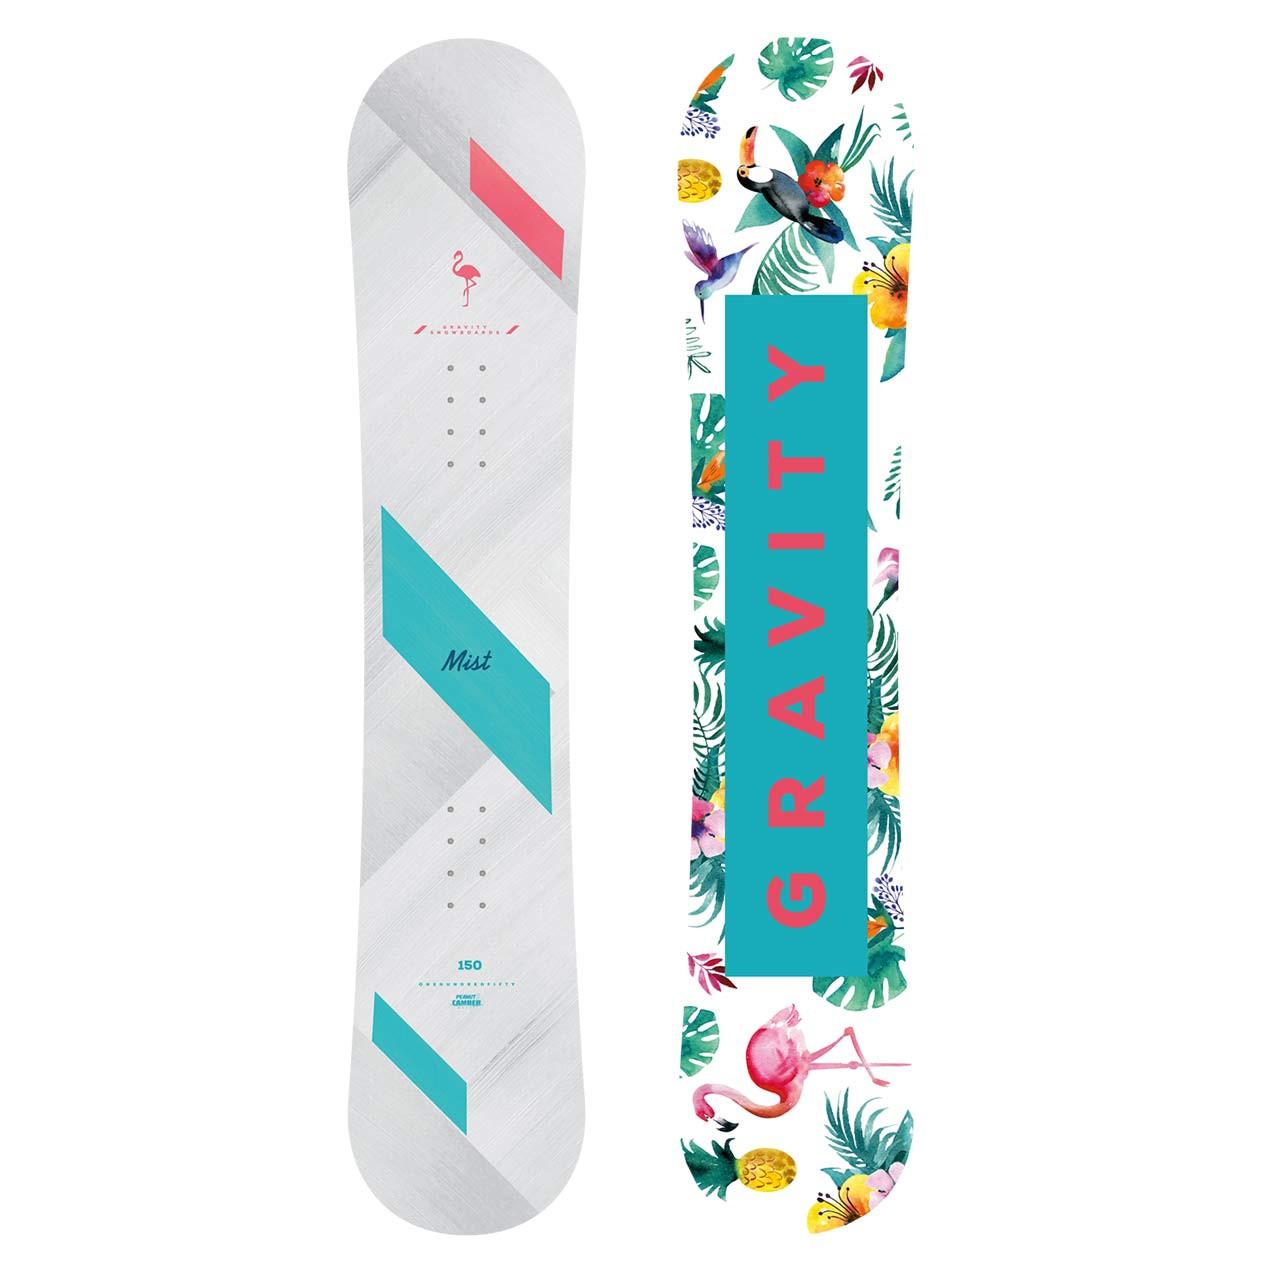 Snowboard Gravity Mist